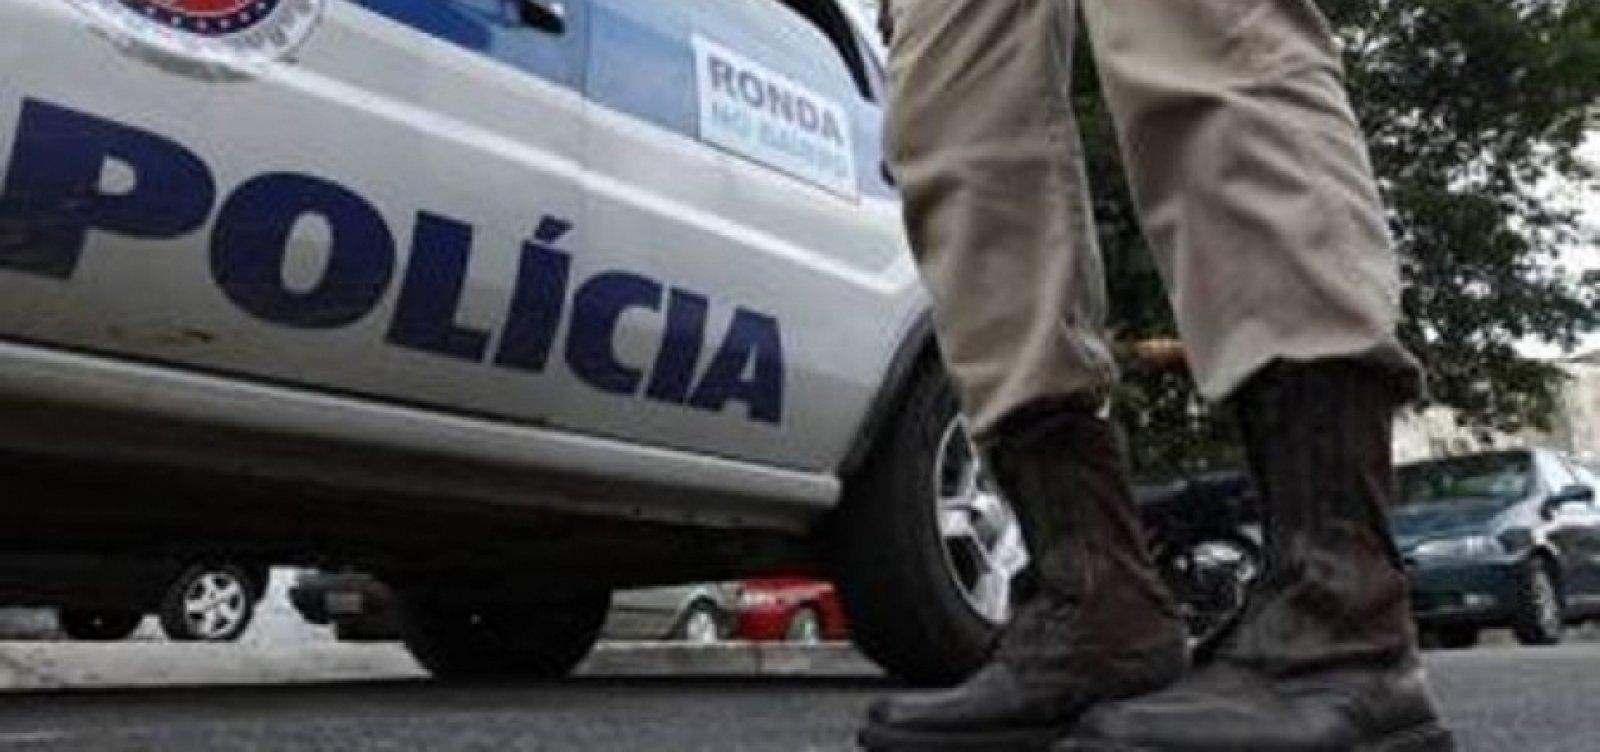 Policial militar é baleado ao sofrer tentativa de assalto no Subúrbio de Salvador